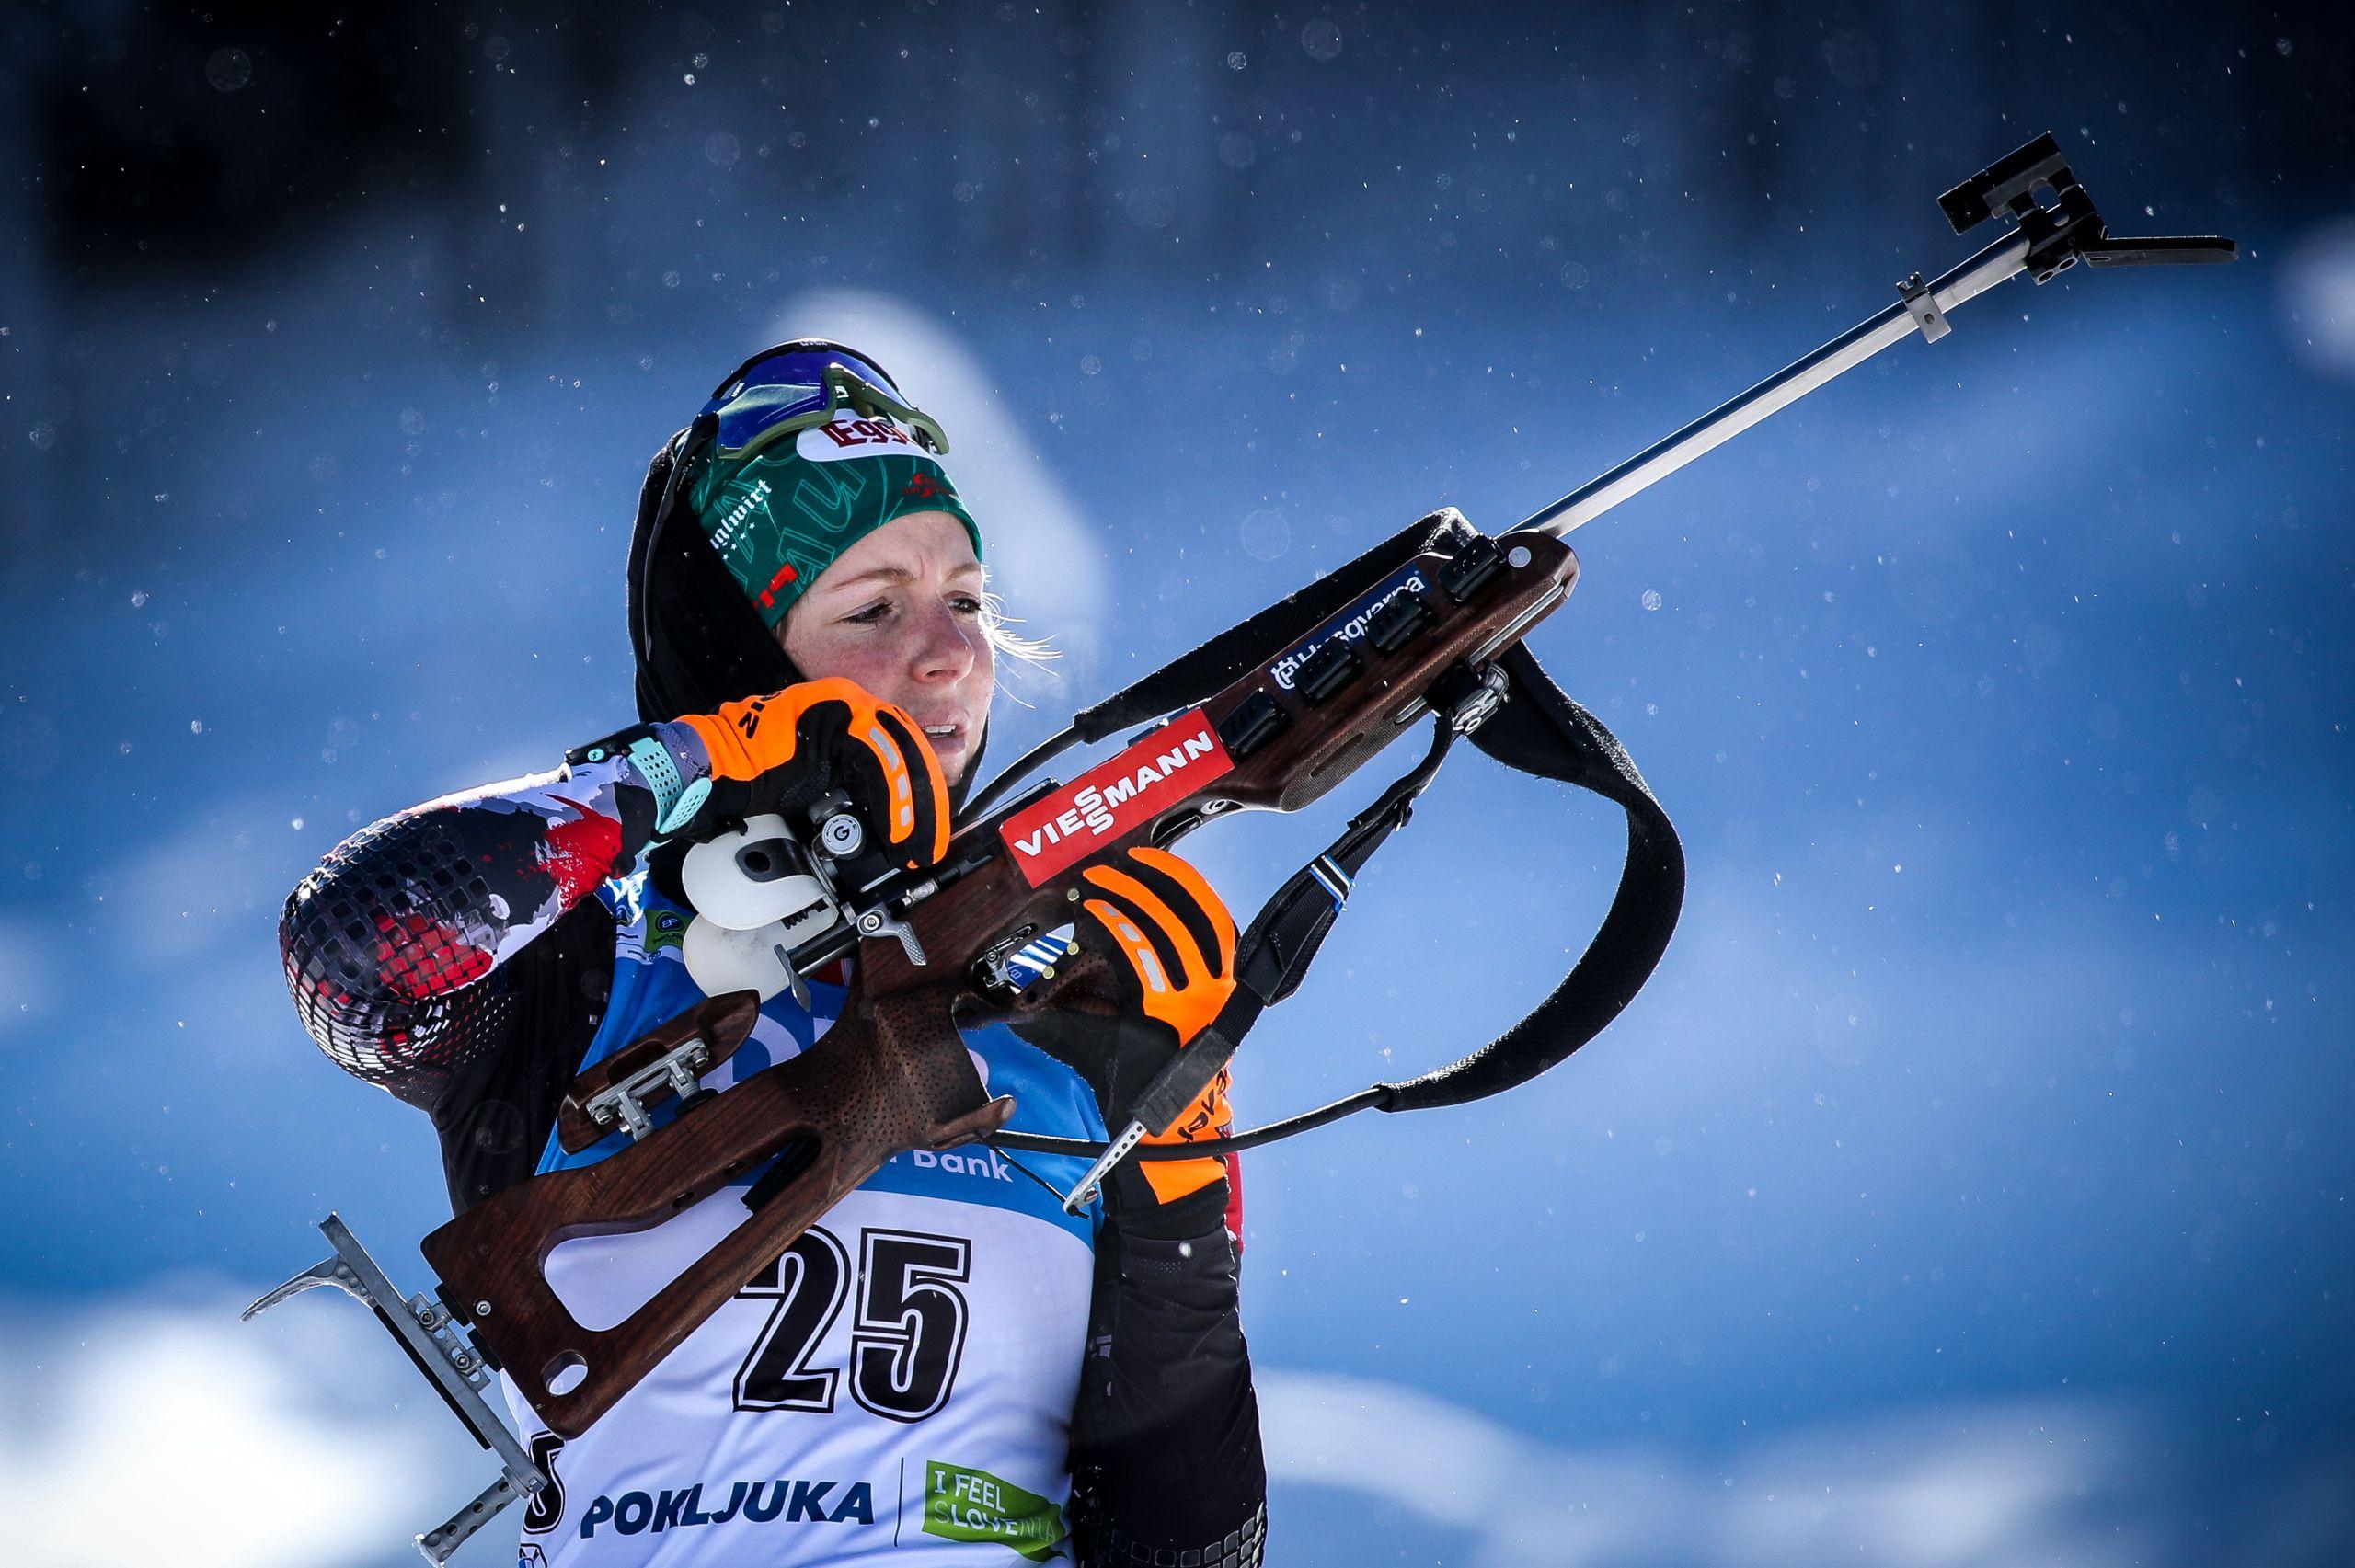 Австрийская биатлонистка Хаузер выиграла масс-старт на чемпионате мира, Миронова – 19-я